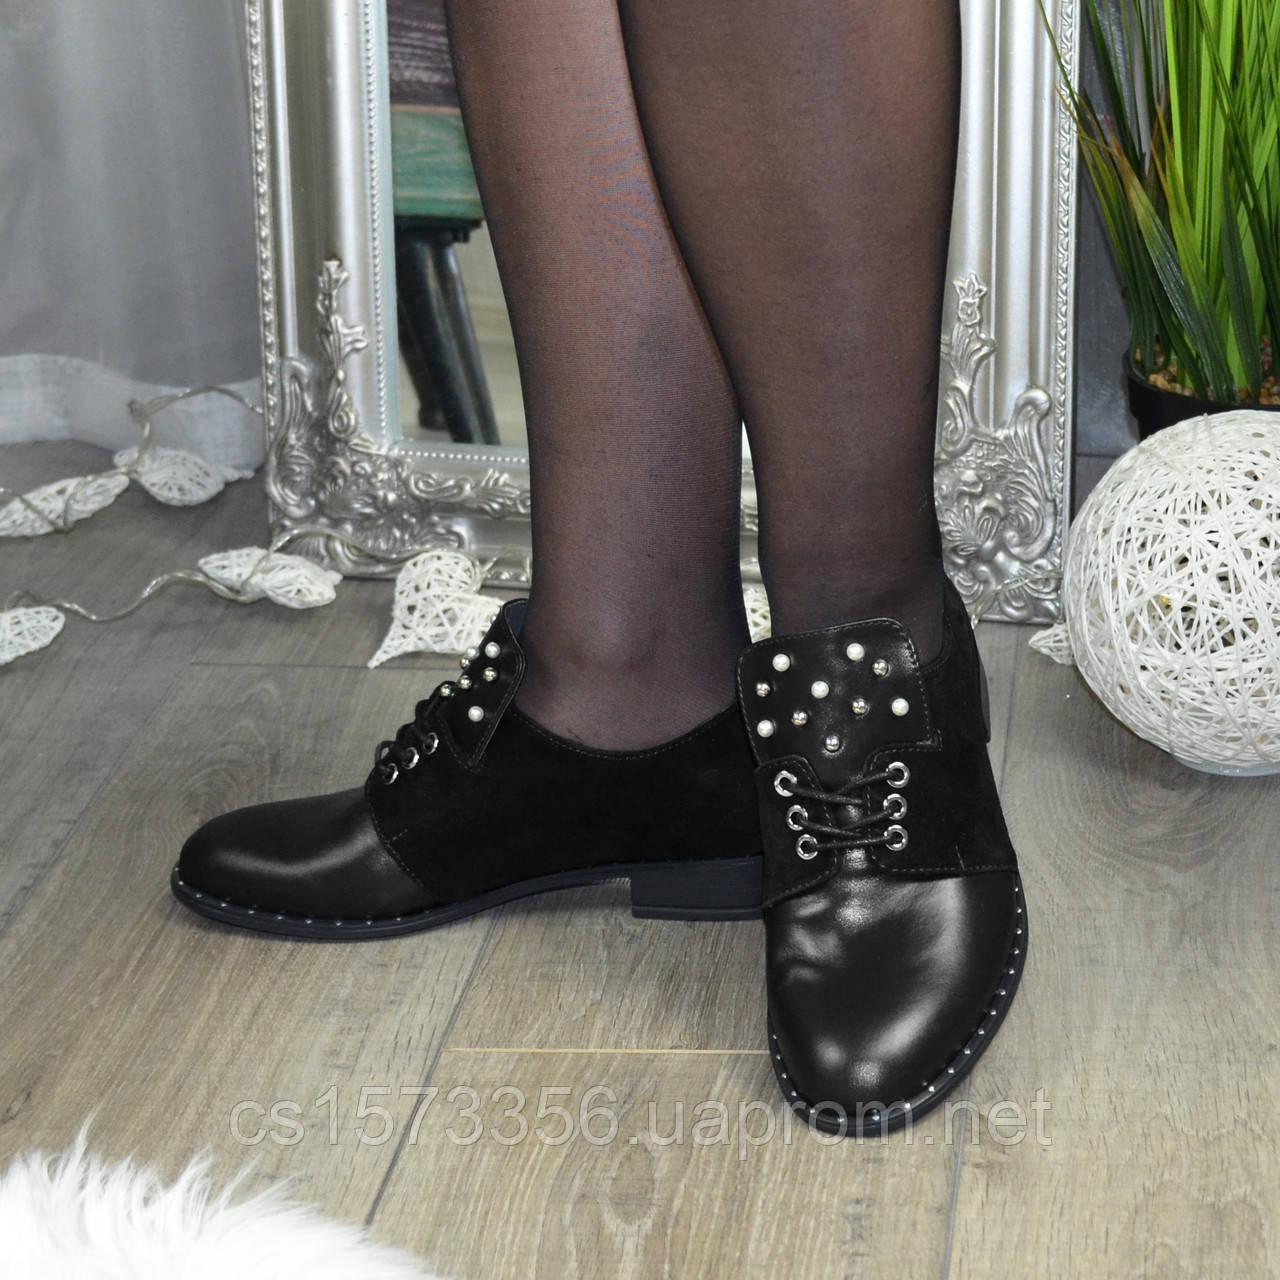 Туфли черные женские на шнуровке, натуральная кожа и замша